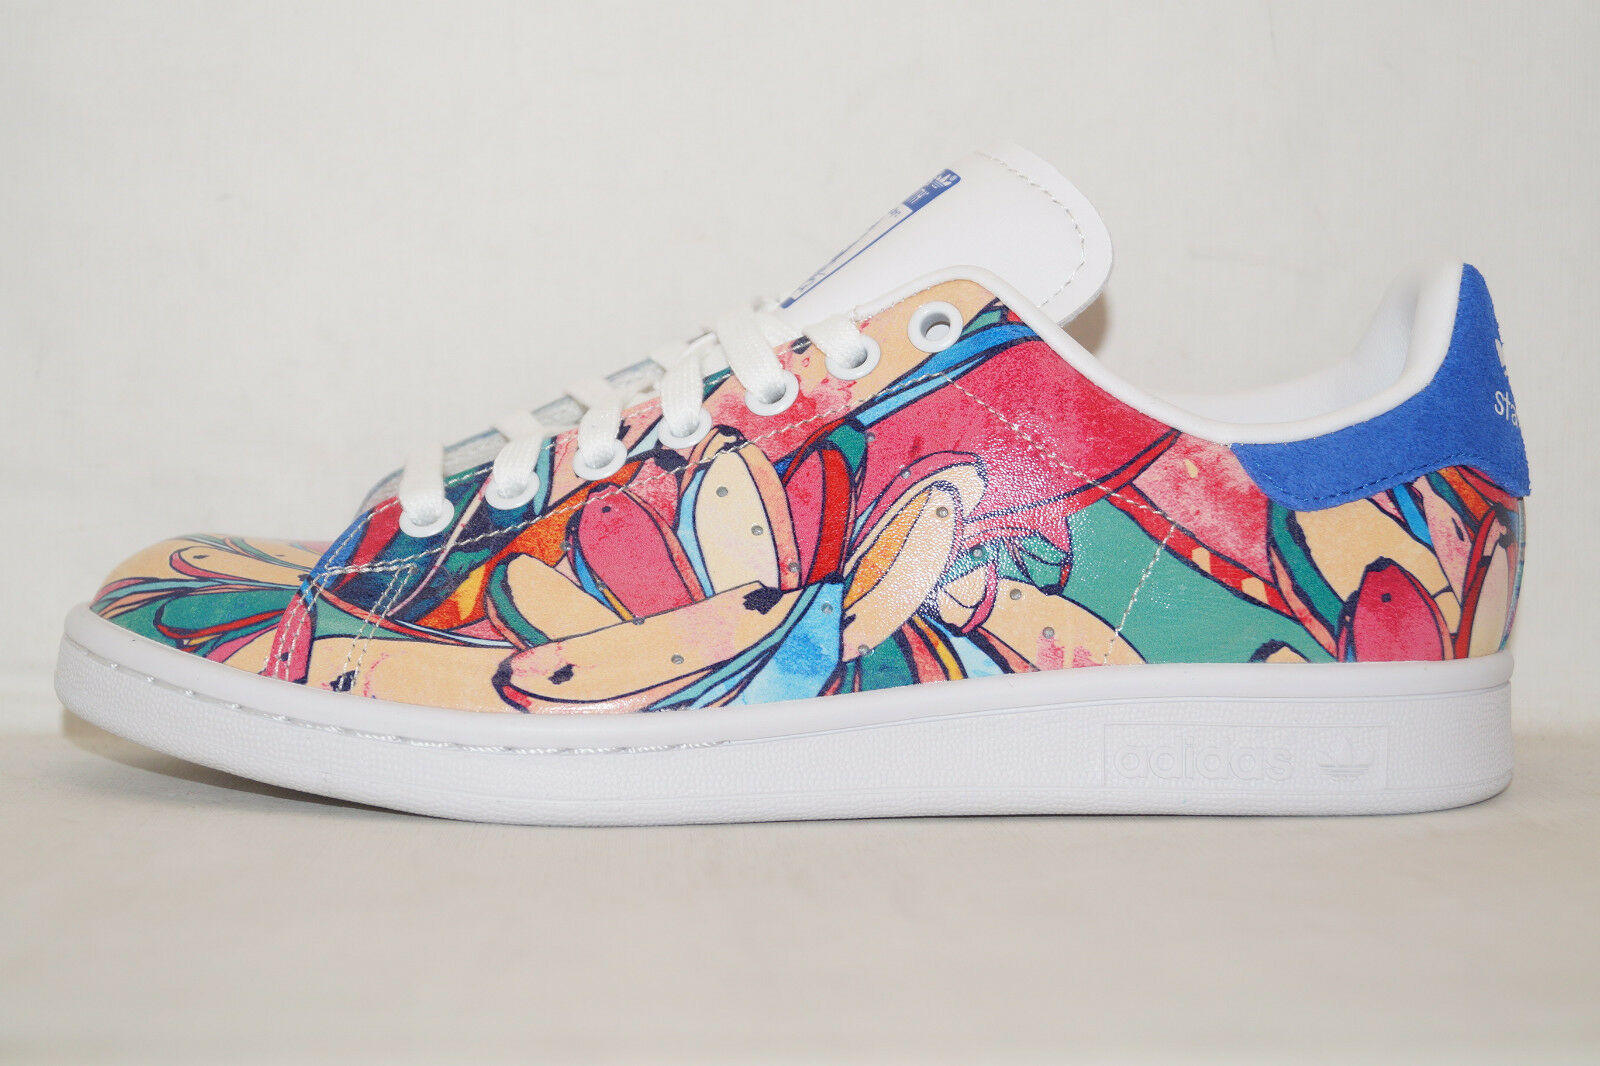 Adidas Originals Stan Smith UE 36 36 36 UK 3.5 tropical Print wmns s32036 Gomaespuma be386a